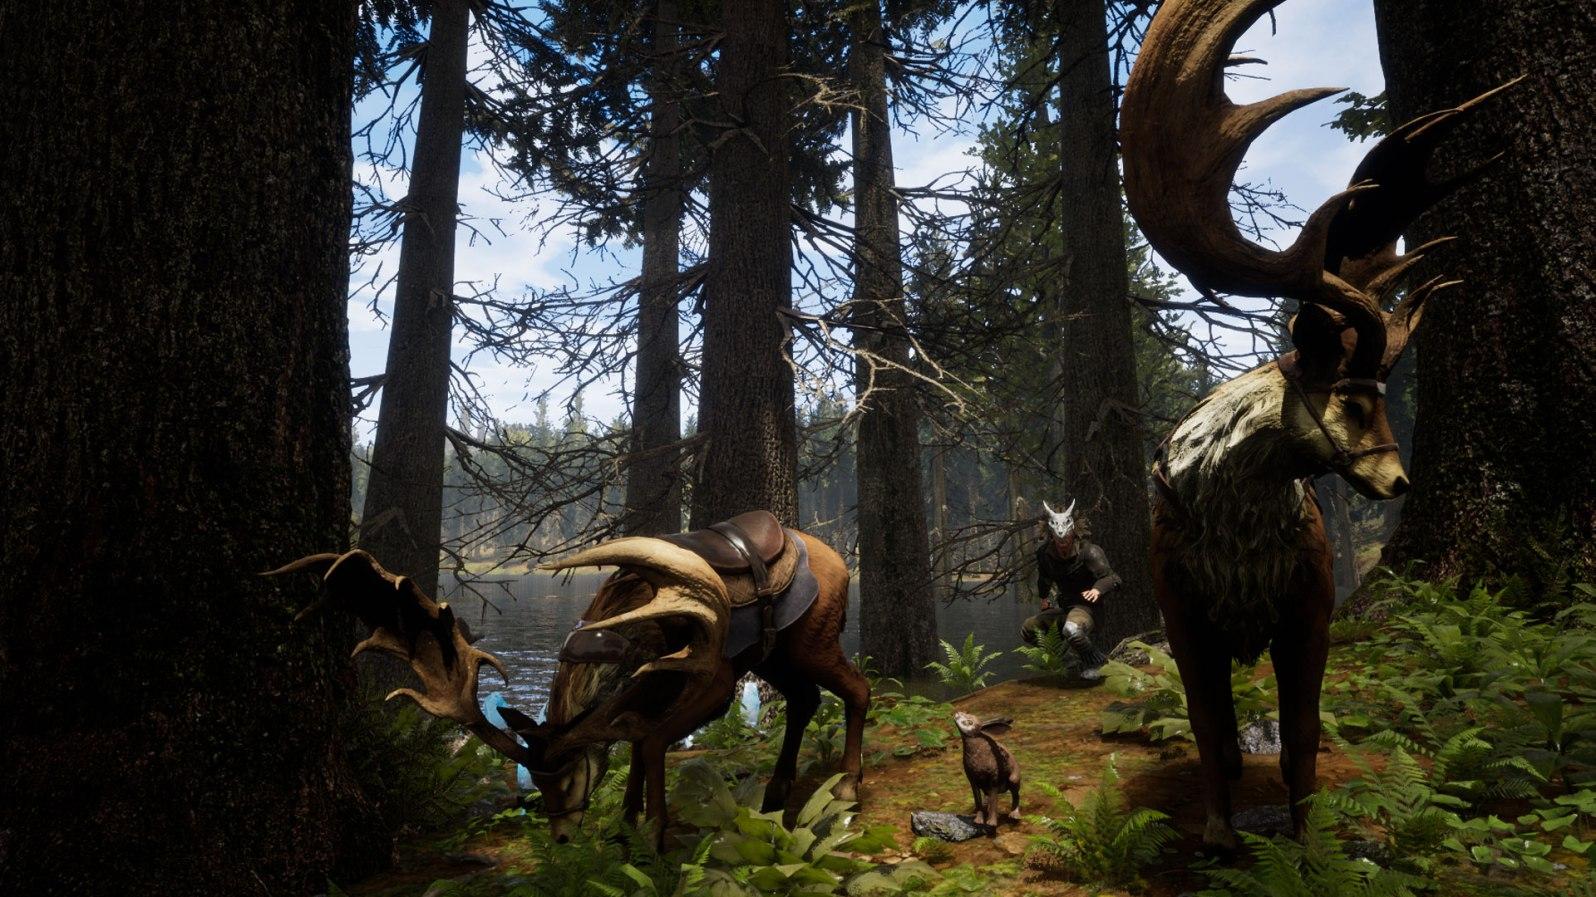 Solche stimmigen Aufnahmen aus dem Spiel lassen einen sofort in die gelungene Fantasywelt eintauchen.